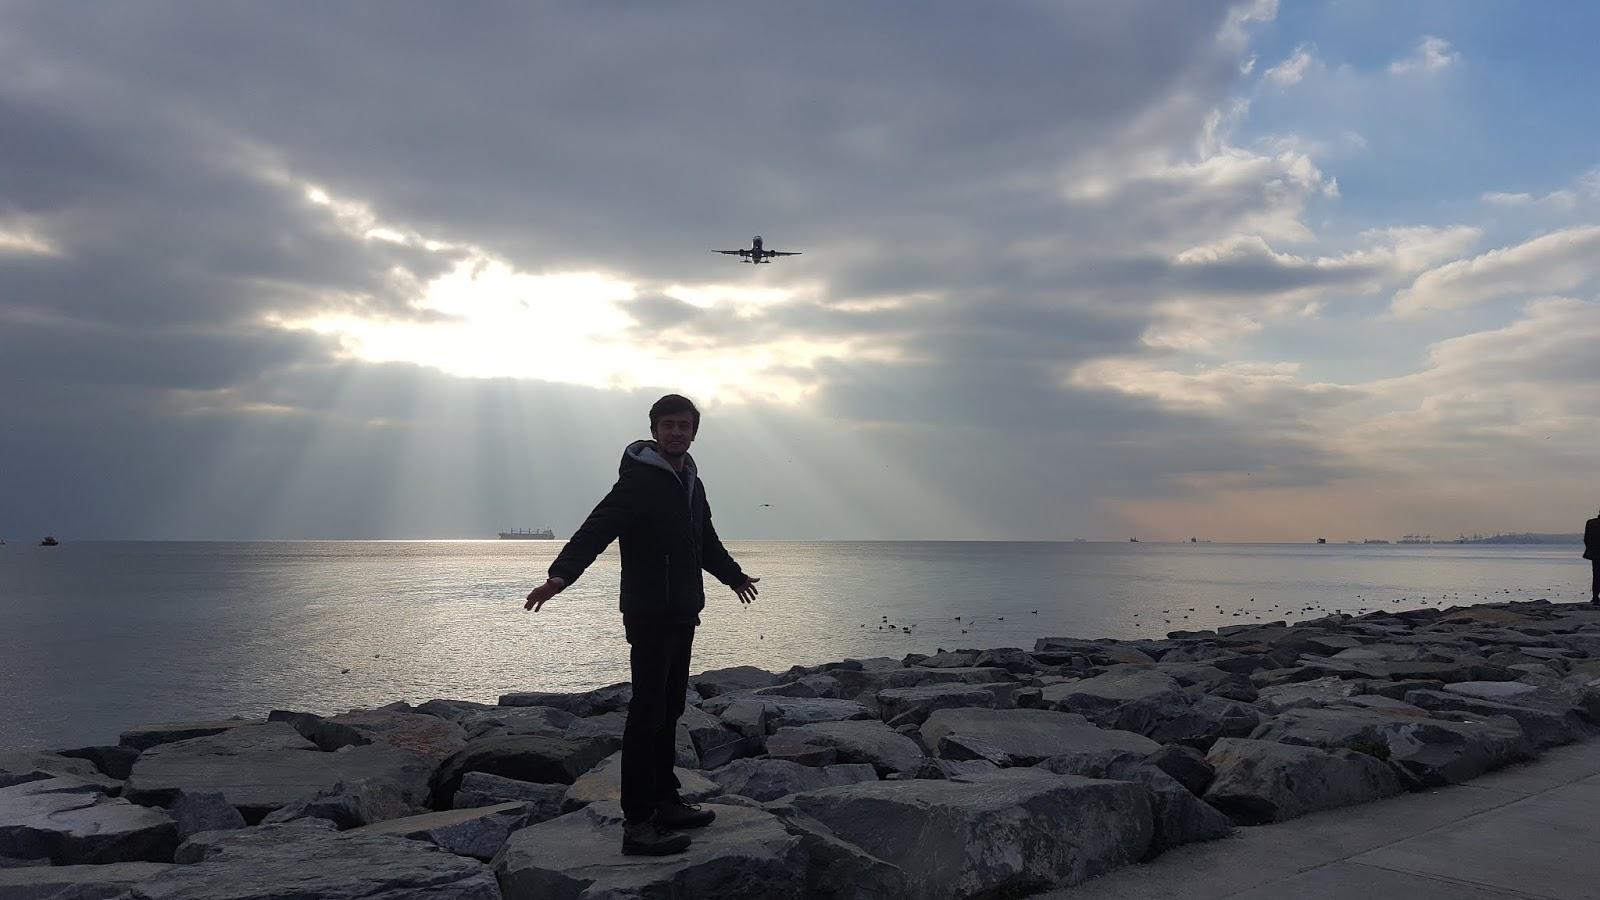 Harun İstenci Uçak manzarası kamera arkası, Türk Hava Yolları, Milyon dolarlık fotoğraf karesi